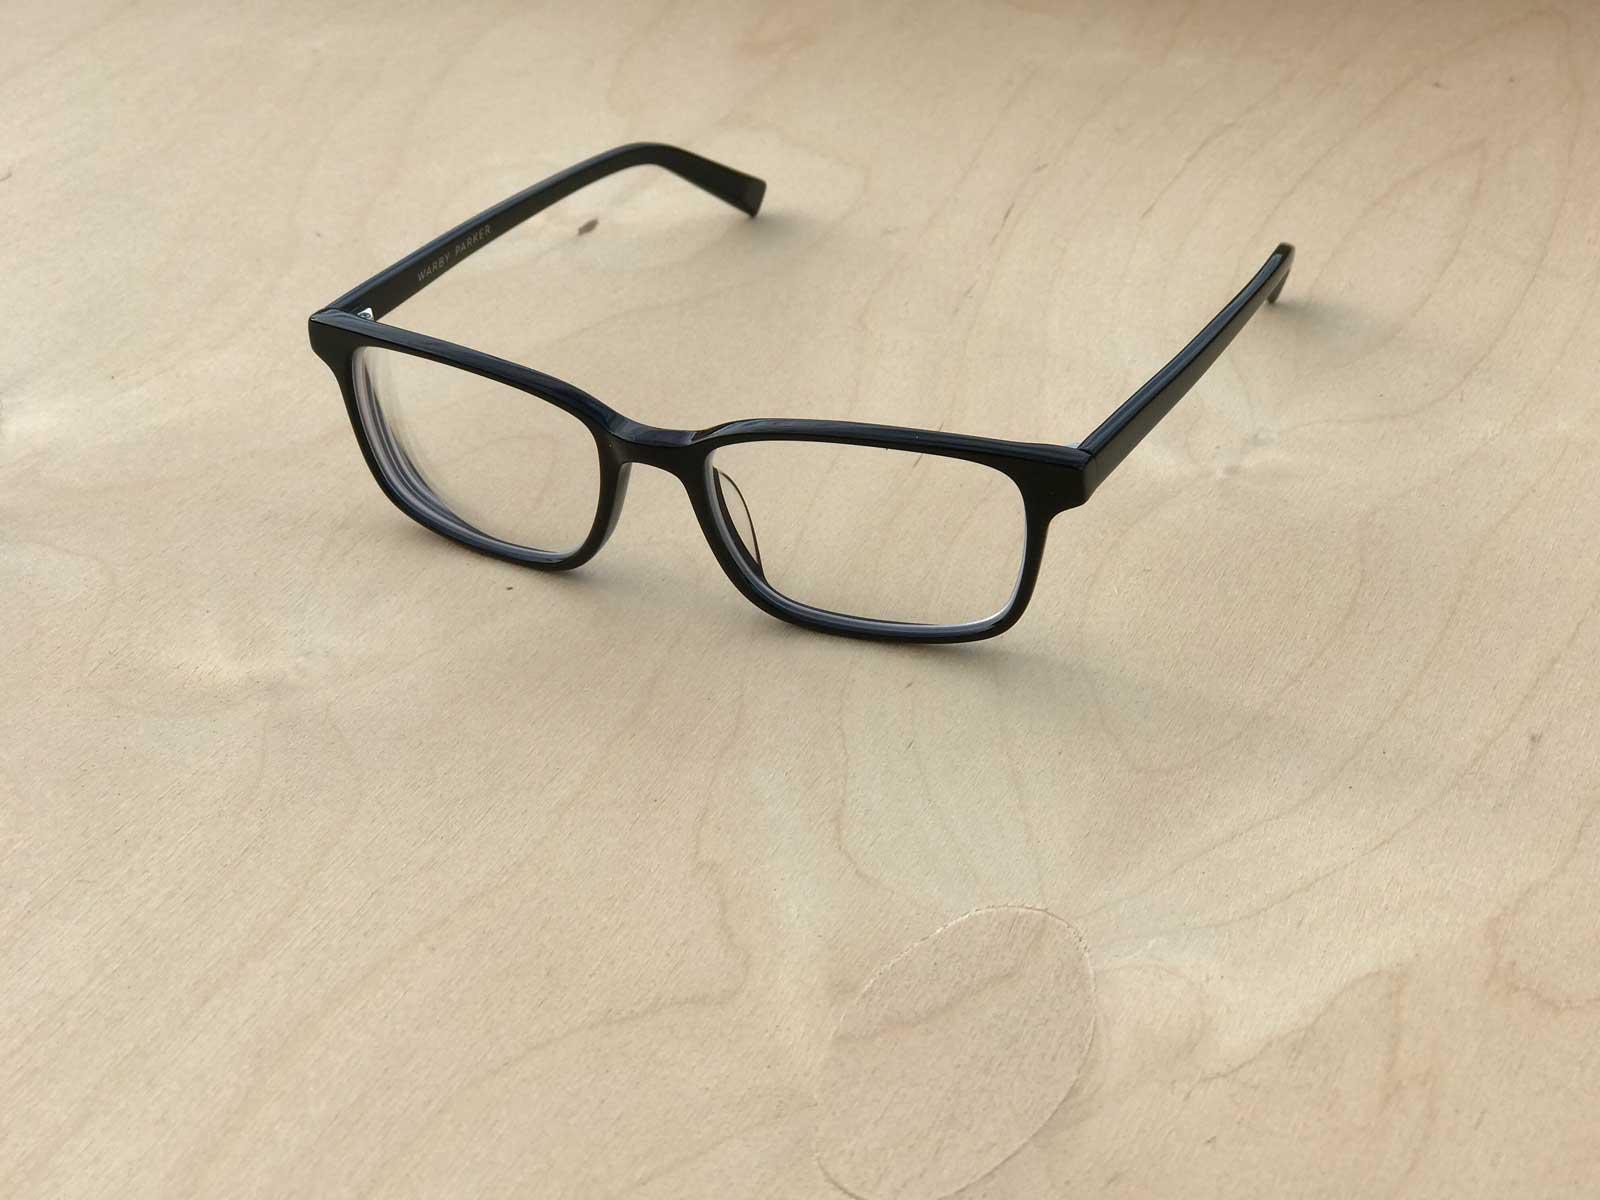 Warby Parker Crane Glasses Frame